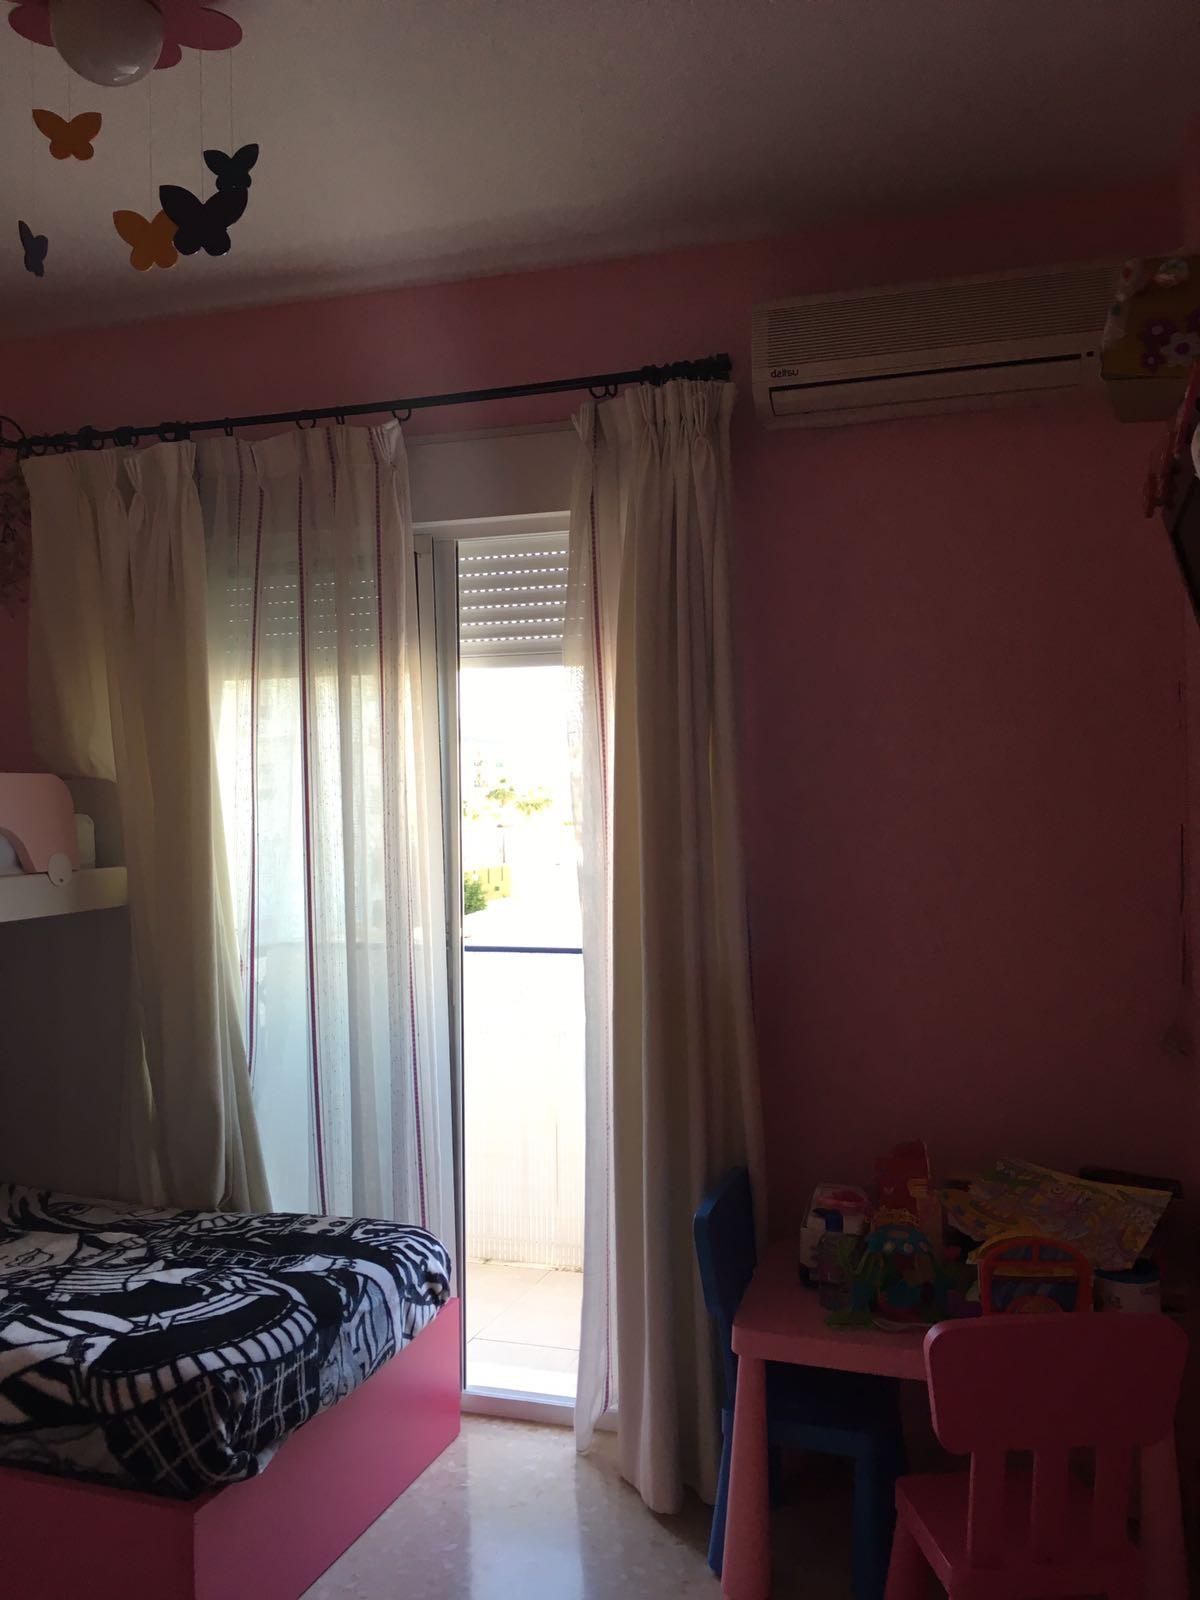 2 Dormitorio Unifamiliar en venta Estepona